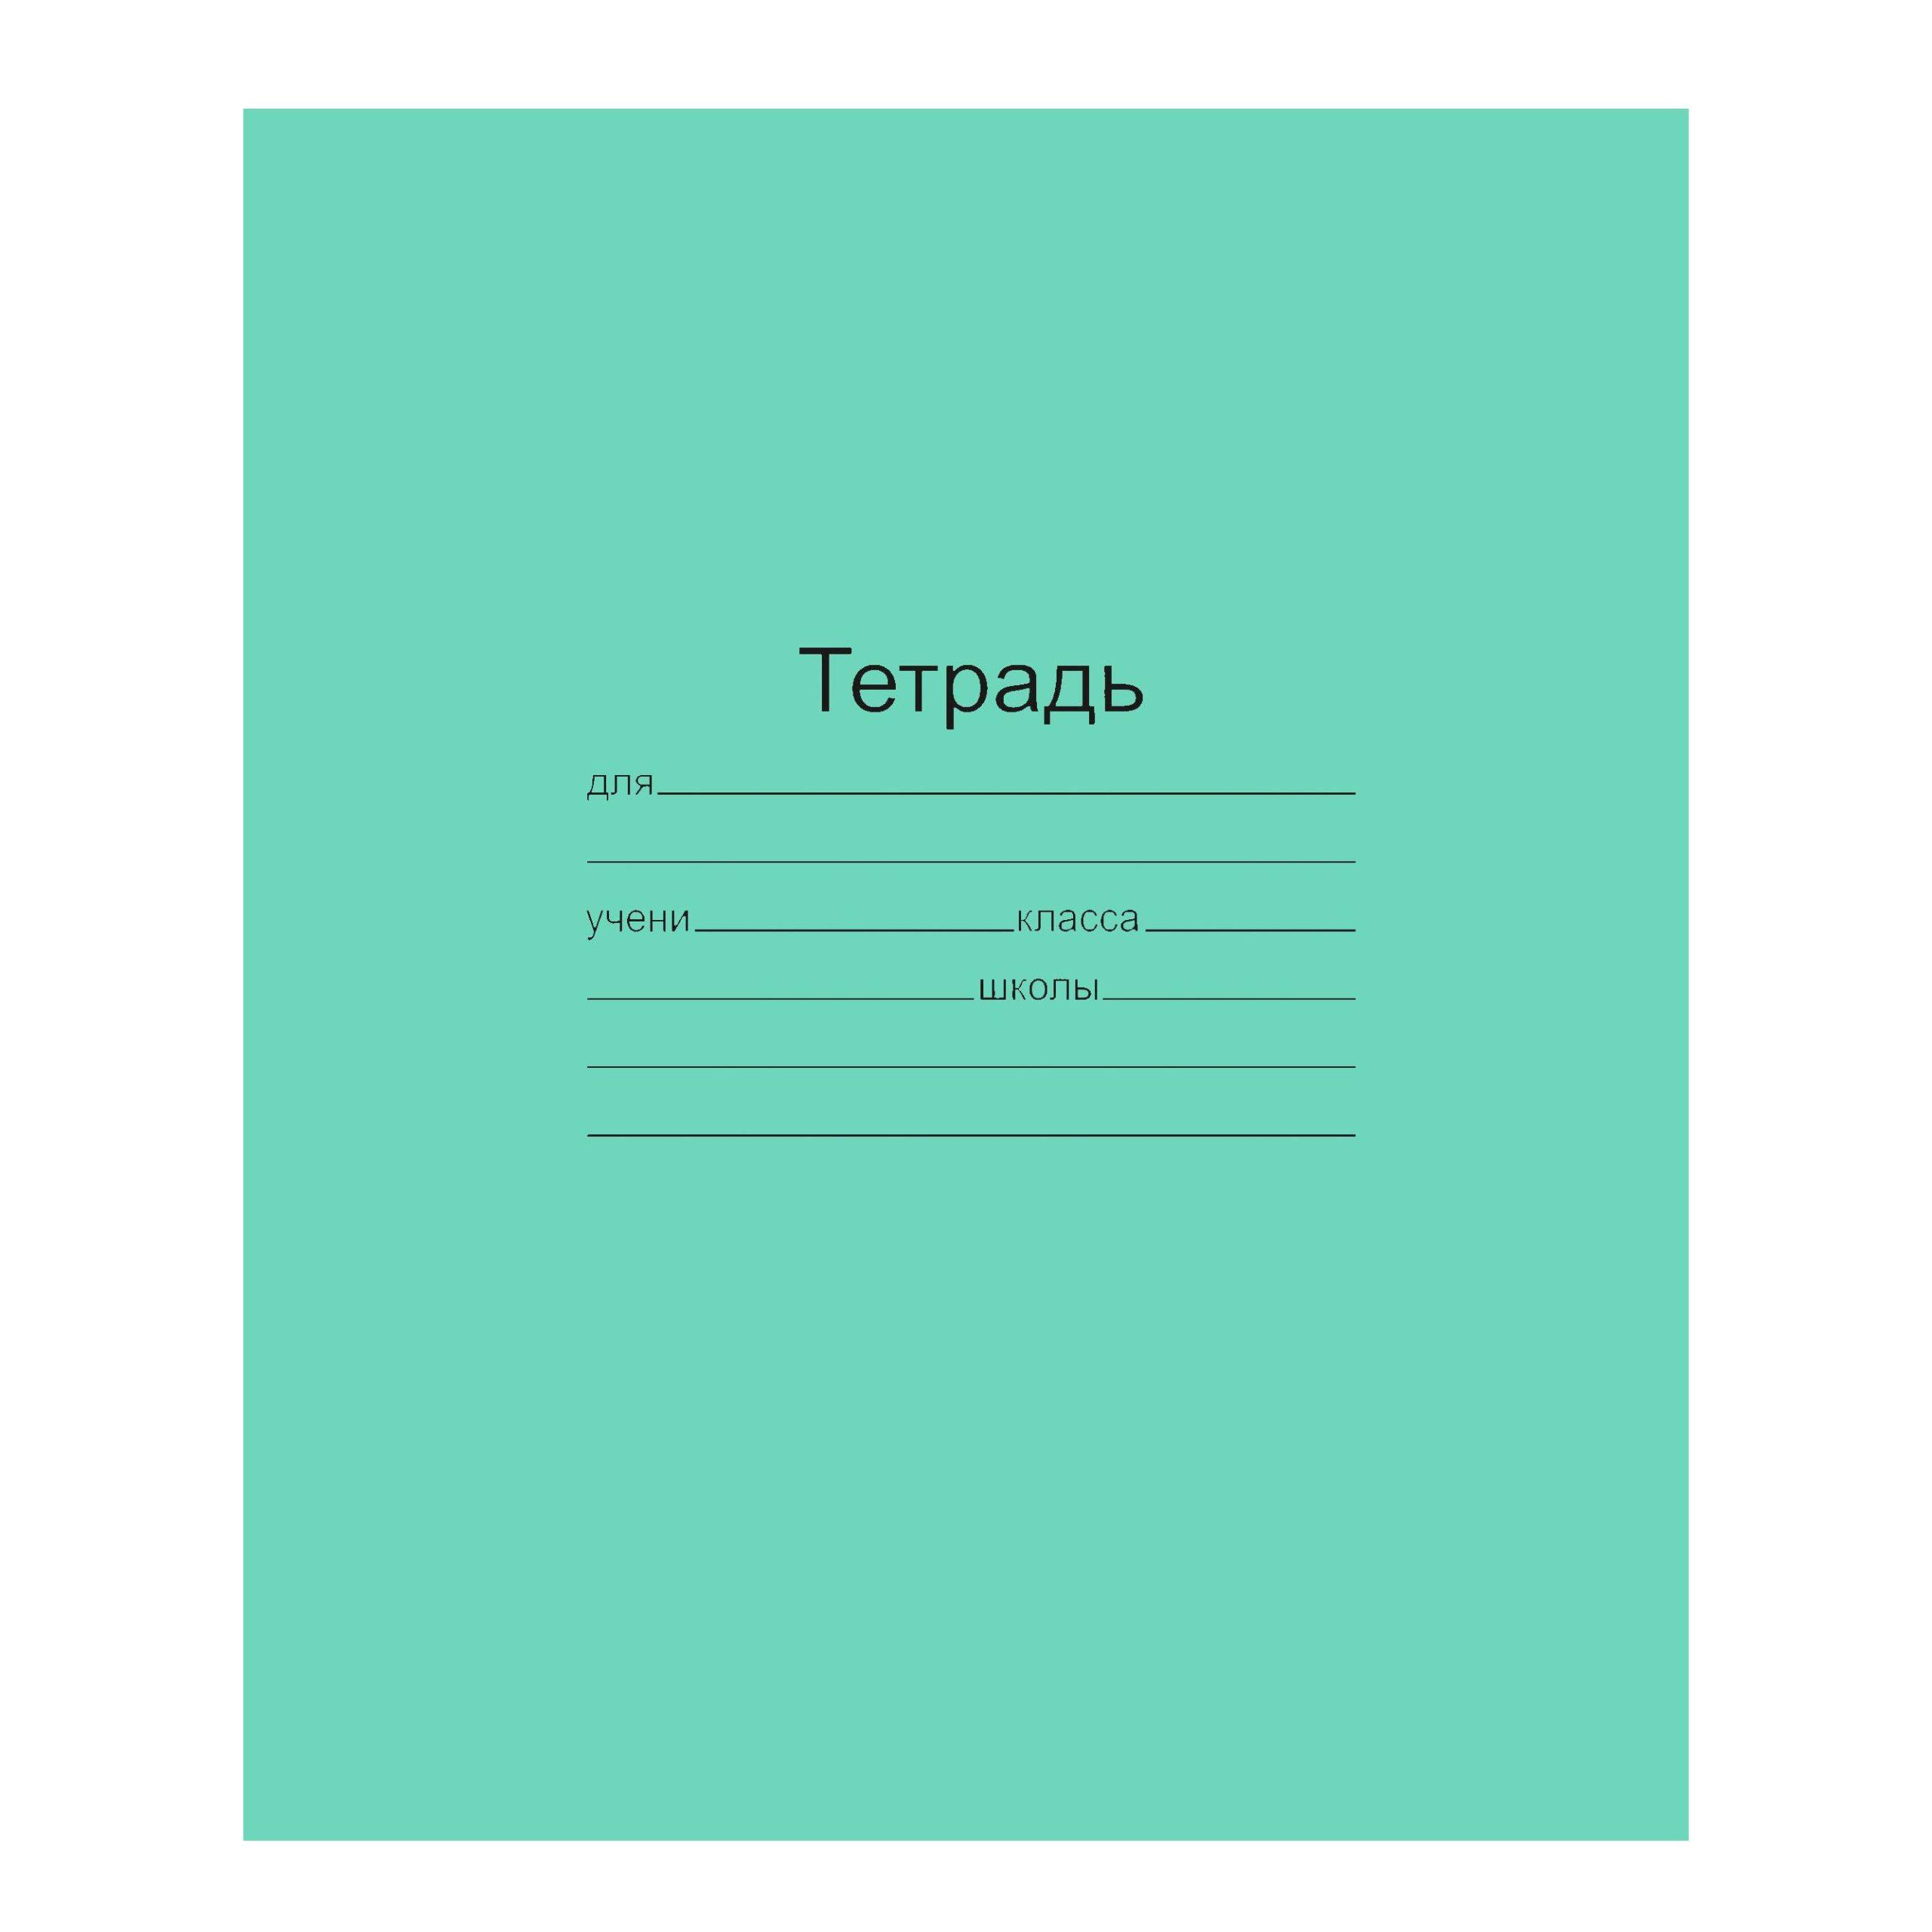 Тетрадь 12 листов МАЯК КАНЦ в клетку, тетрадная обложка